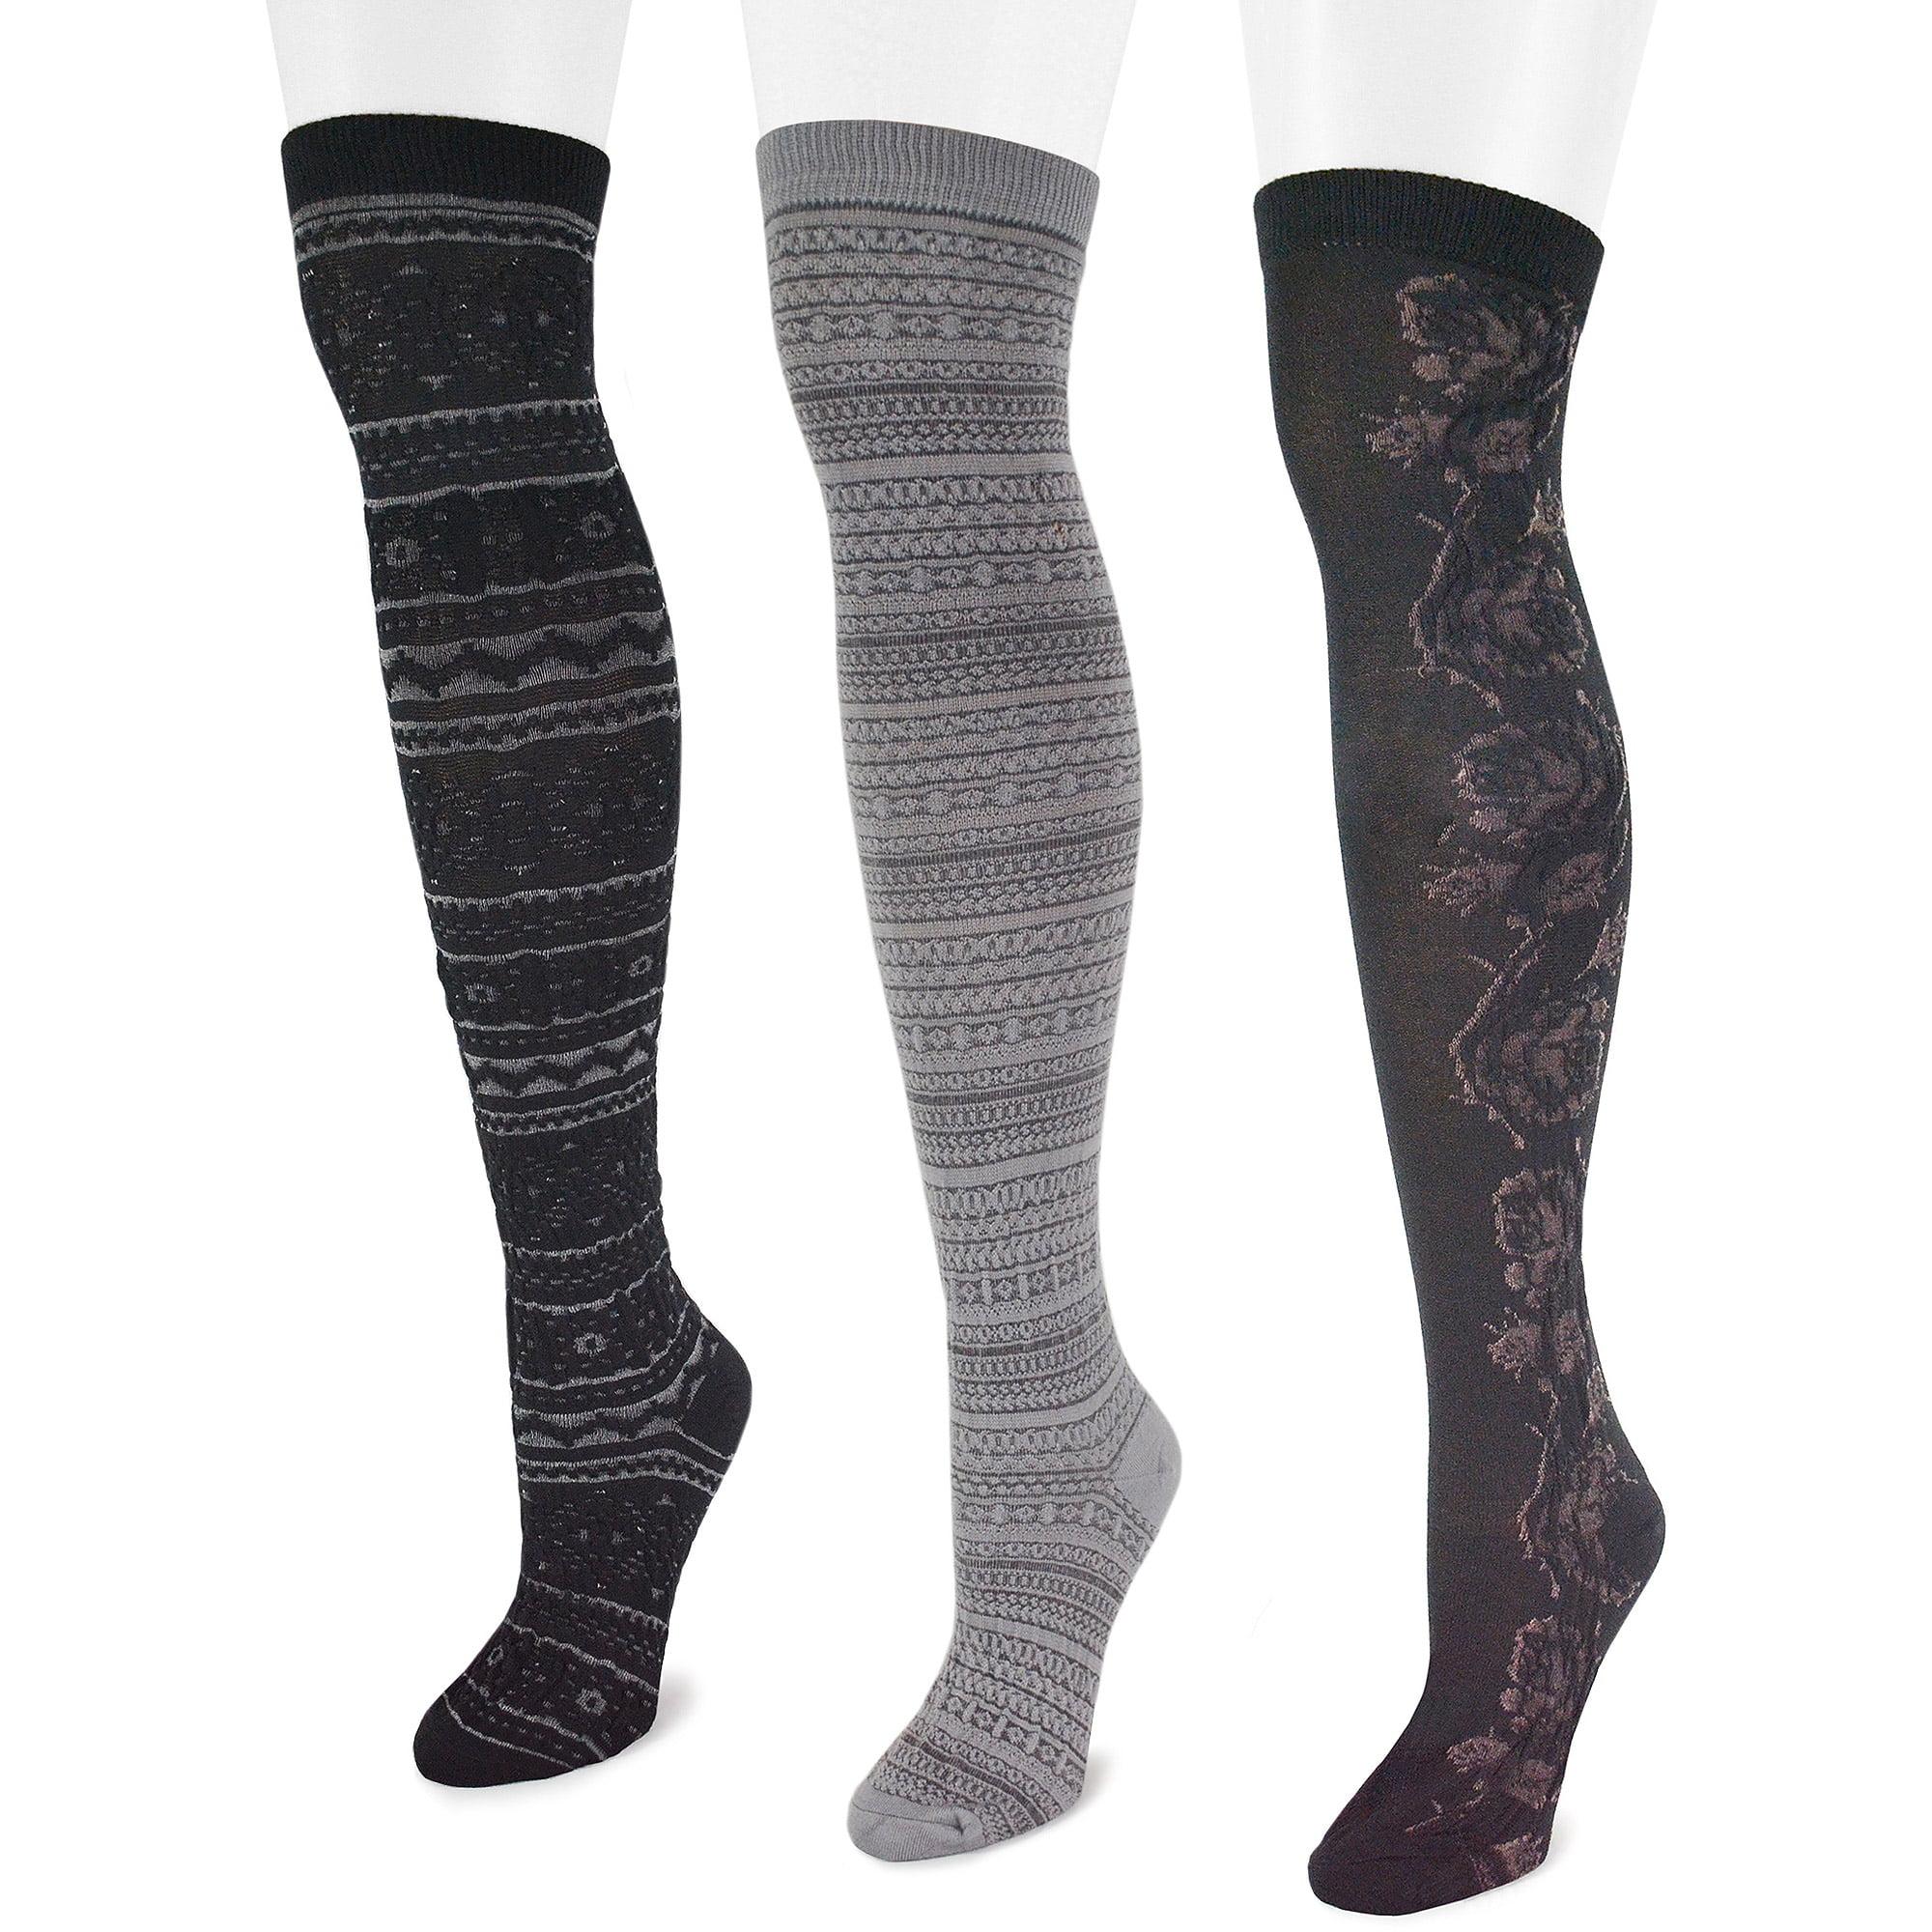 MUK LUKS Women's Microfiber 3-Pair Black Pack Over the Knee Socks